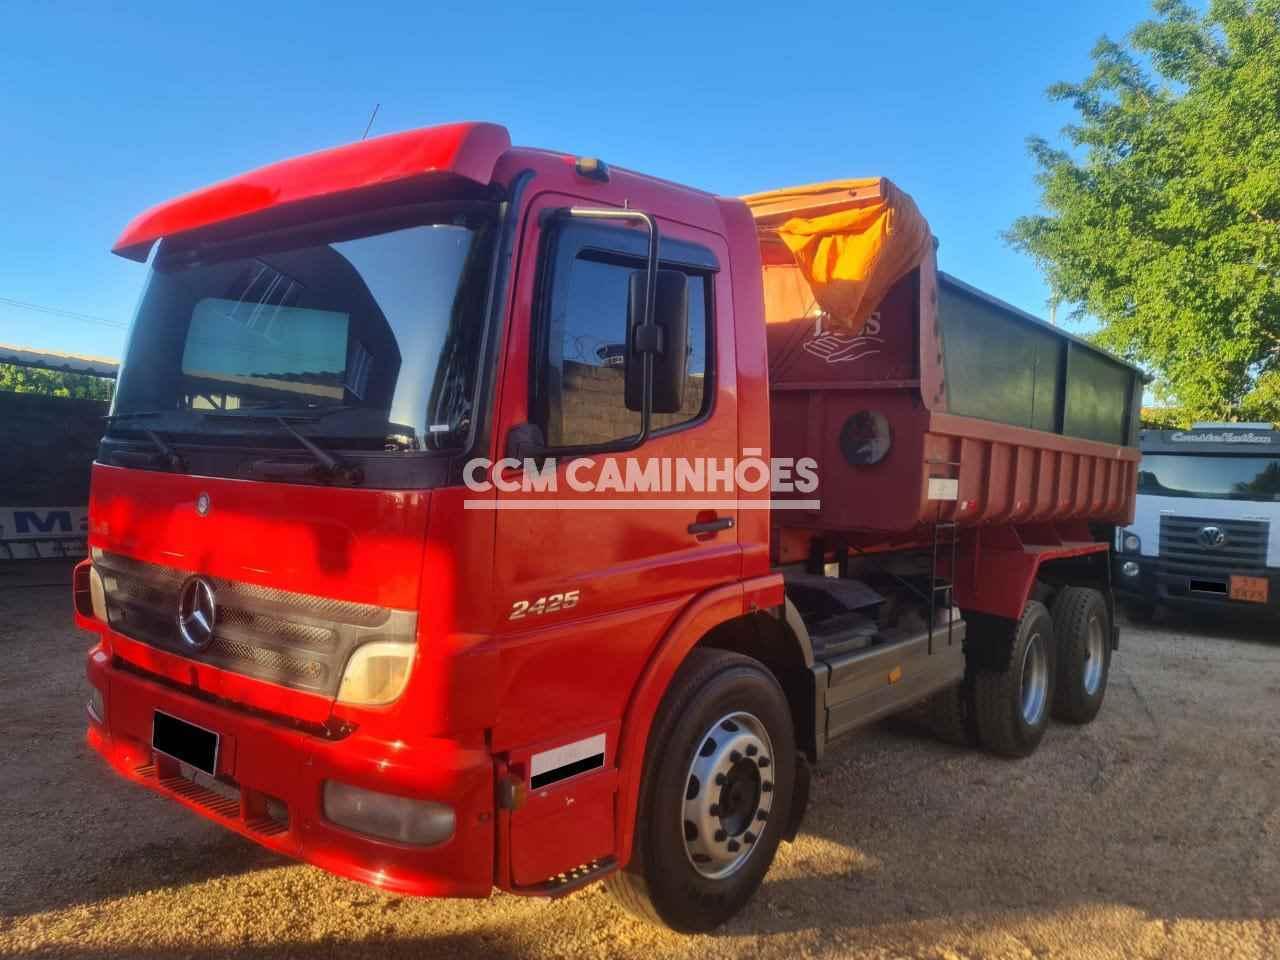 CAMINHAO MERCEDES-BENZ MB 2425 Caçamba Basculante Truck 6x2 CCM Caminhões GOIANIA GOIAS GO